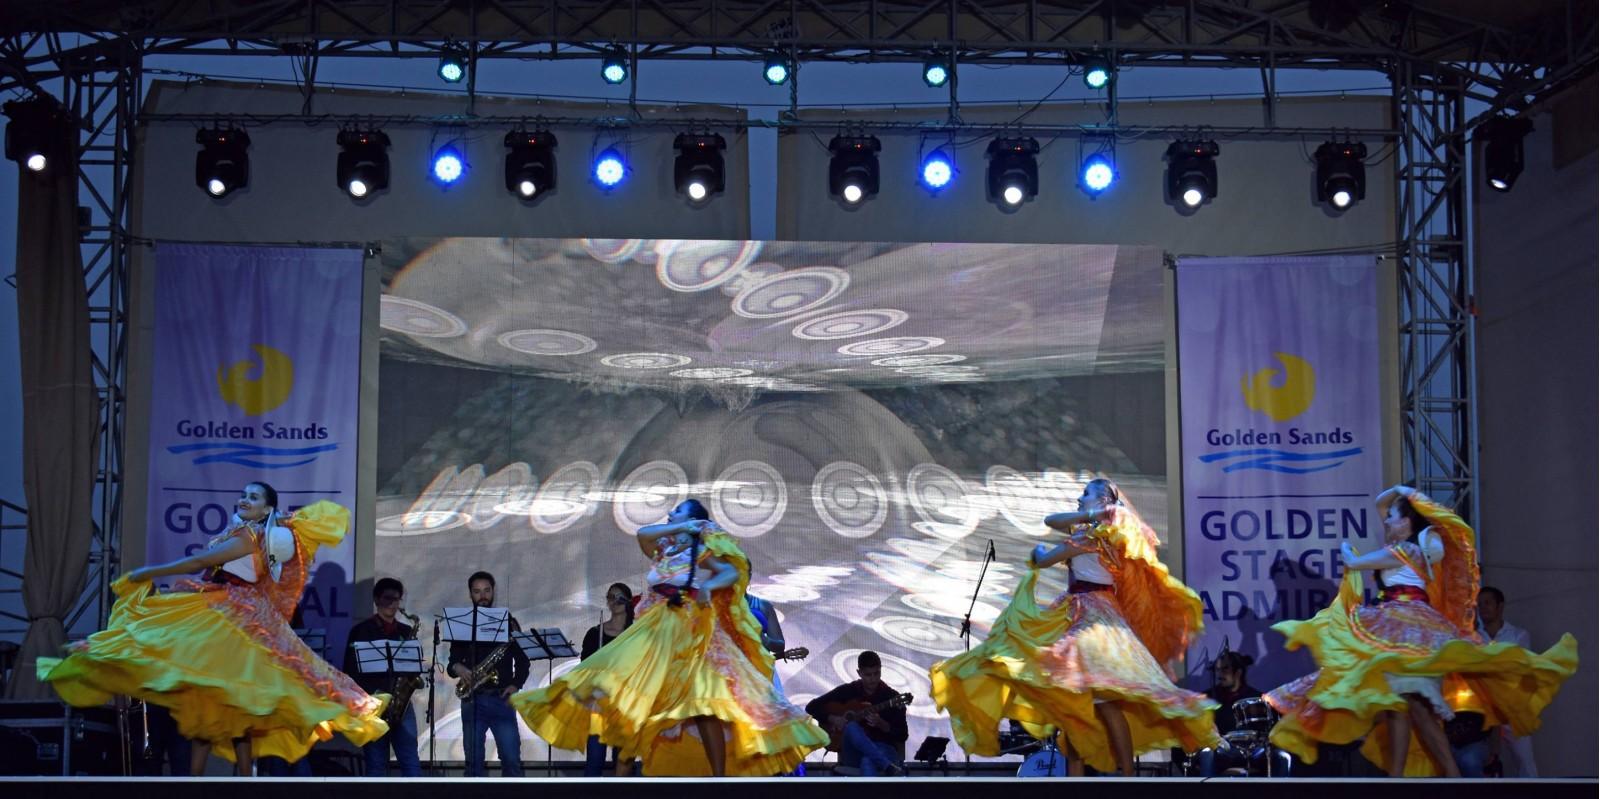 Concerts at Golden Sands Resort